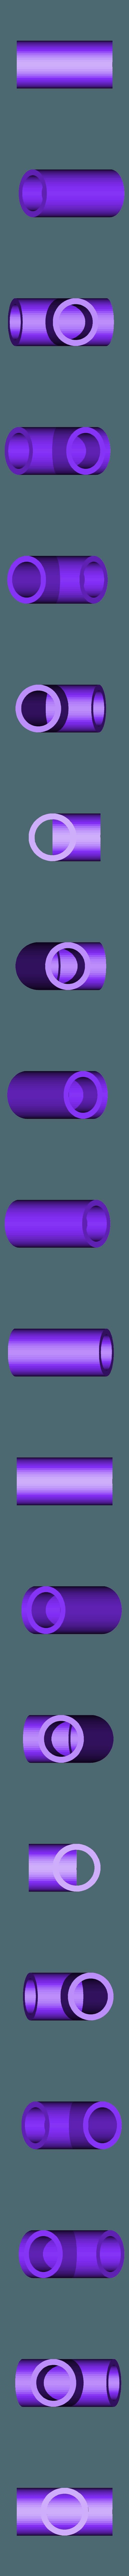 T_pipe.stl Télécharger fichier STL gratuit Sci-fi Réseau de tuyaux modulaire pour les paysages de wargaming • Objet à imprimer en 3D, redstarkits